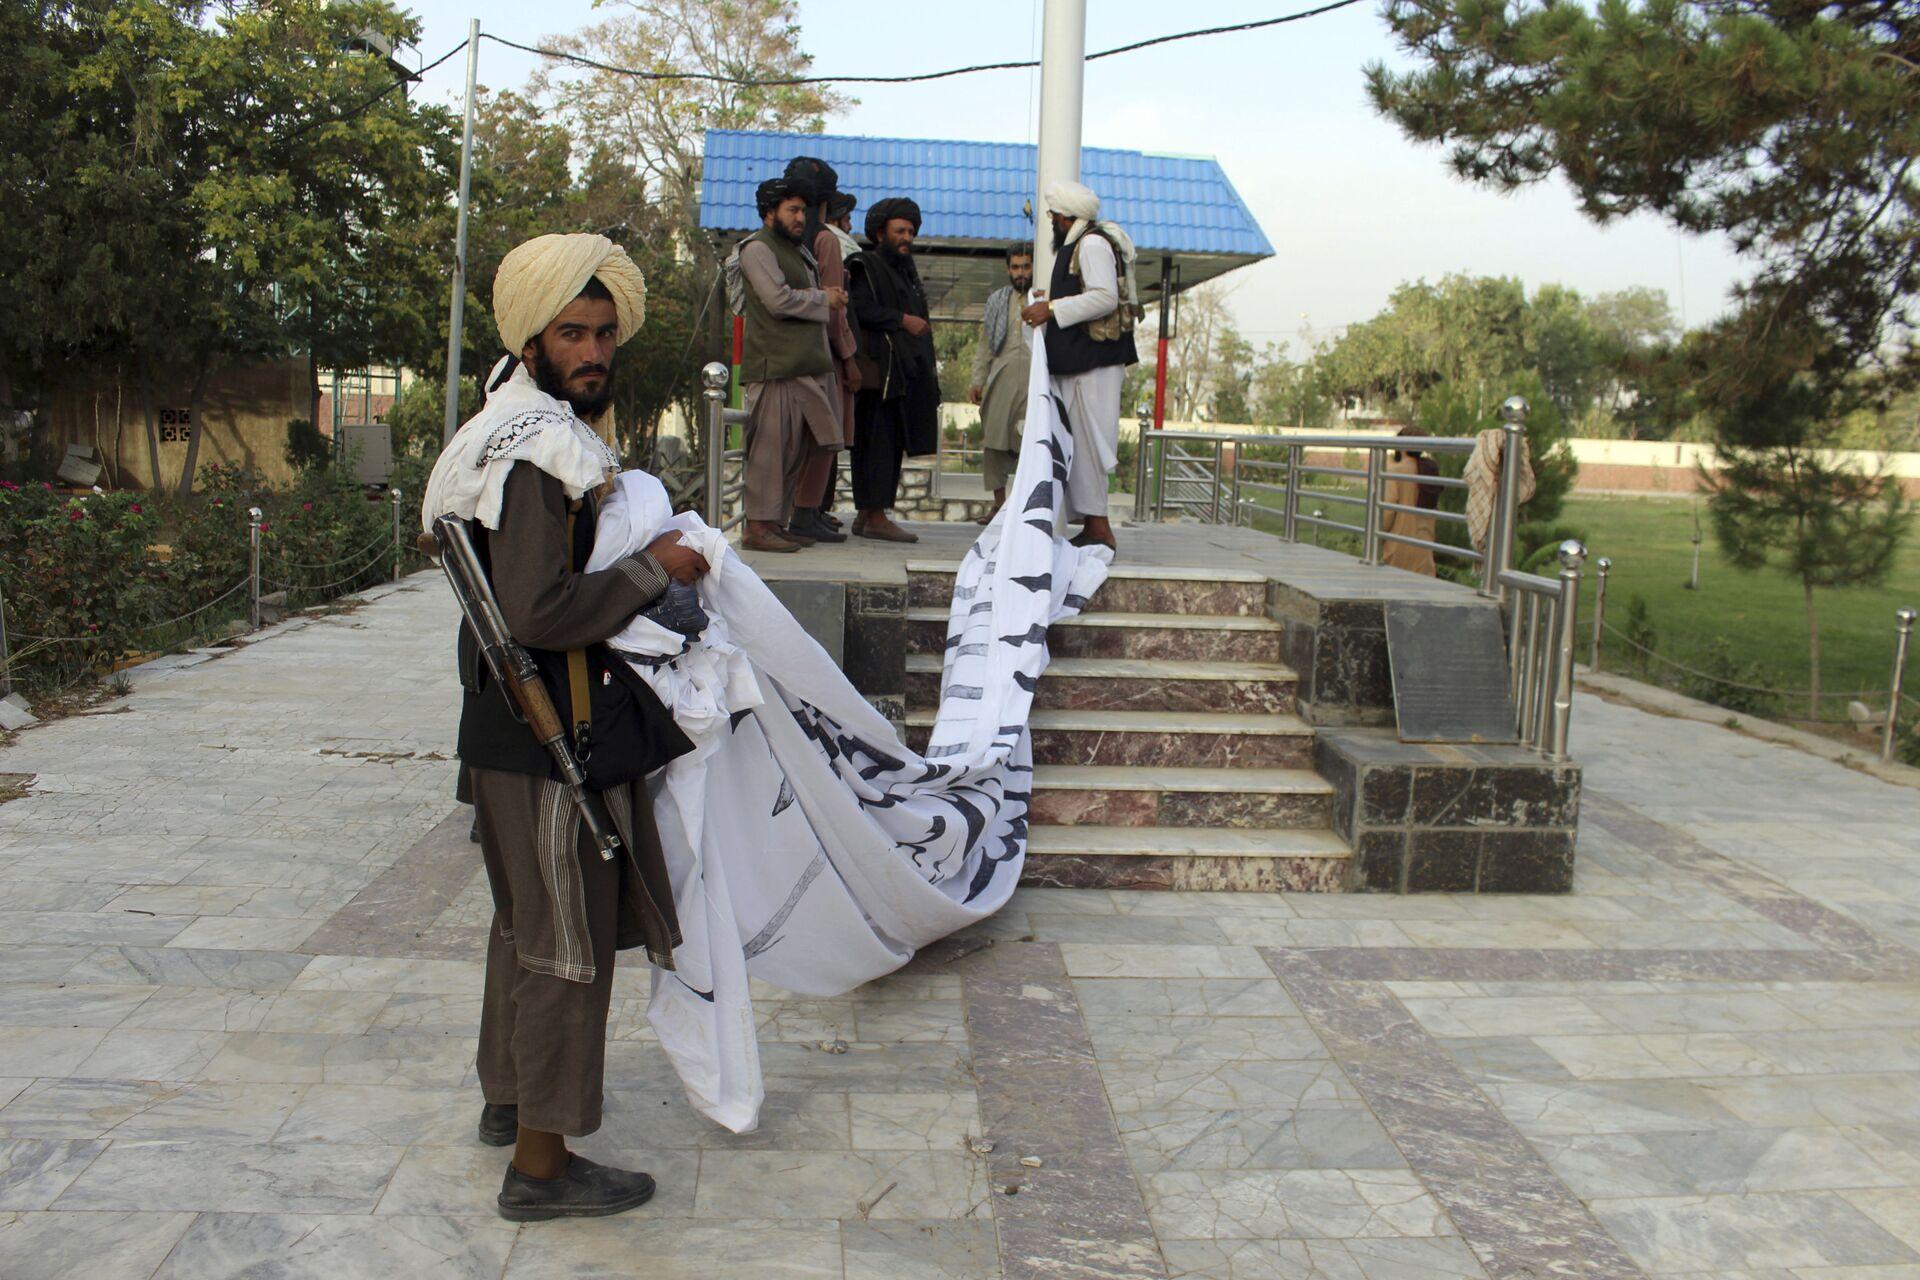 Bojownicy Taliban* wznoszą swoją flagę przed rezydencją gubernatora prowincji Ghazni, południowy wschód Afganistanu - Sputnik Polska, 1920, 16.08.2021